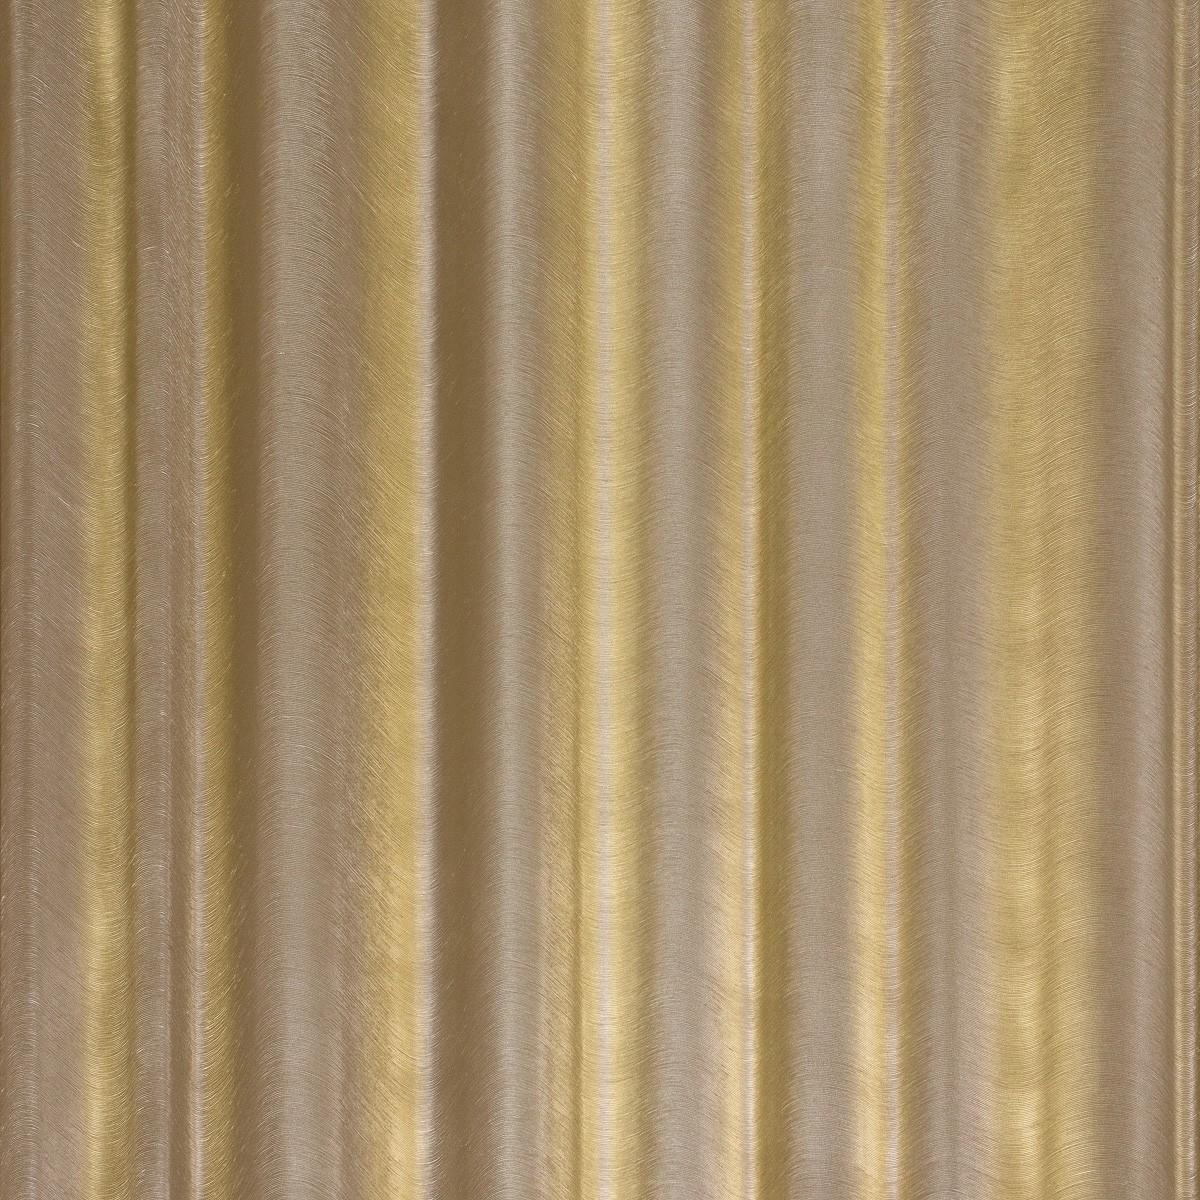 Vliestapete Glööckler Vorhang gold braun Metallic 52526